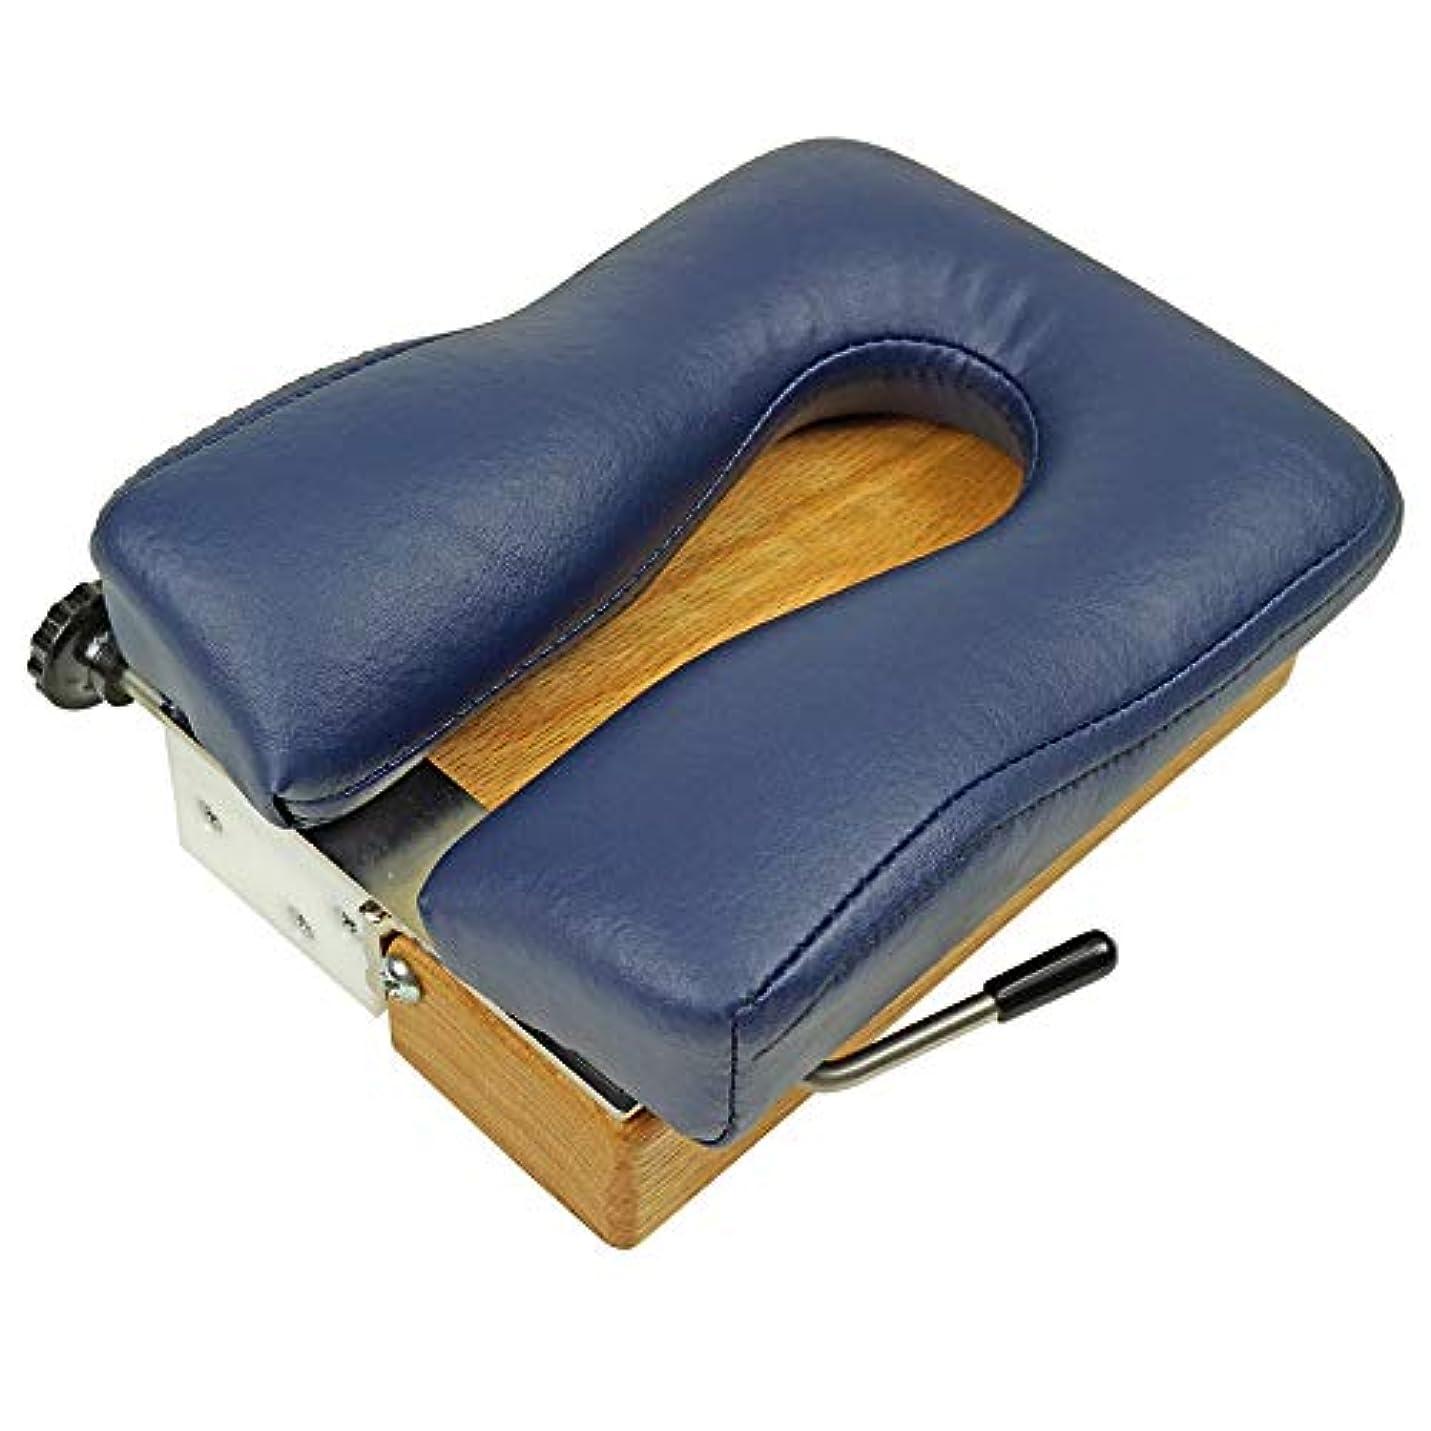 派生するアクセス収束するLLOYD (ロイドテーブル) ターグルリコイル ドロップ ポータブルドロップ 【 ヘッドピース 上部頚椎用 】